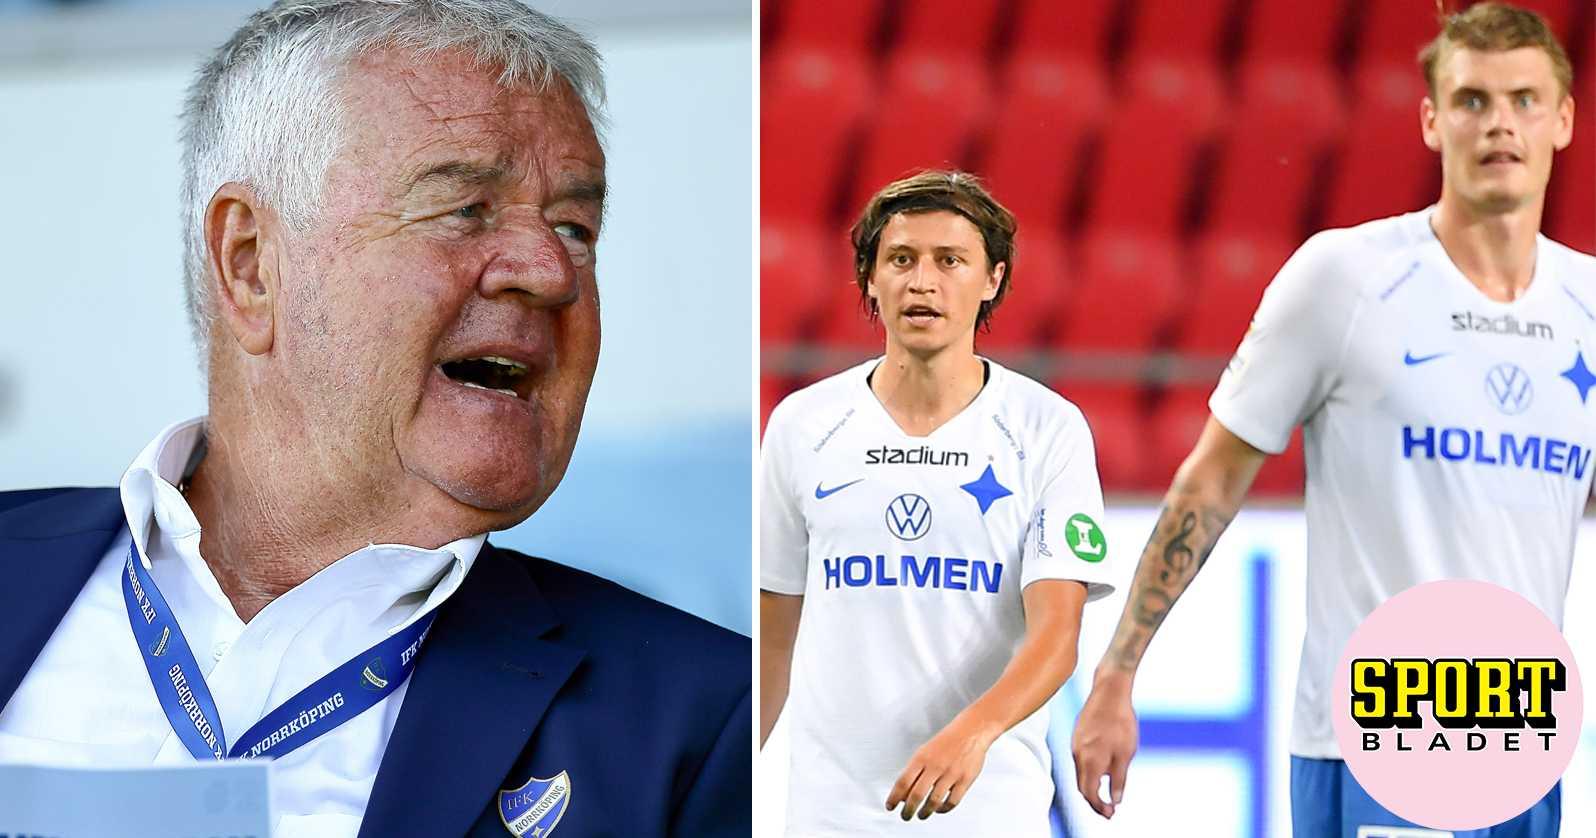 Fler ledande personer kan hoppa av IFK Norrköping